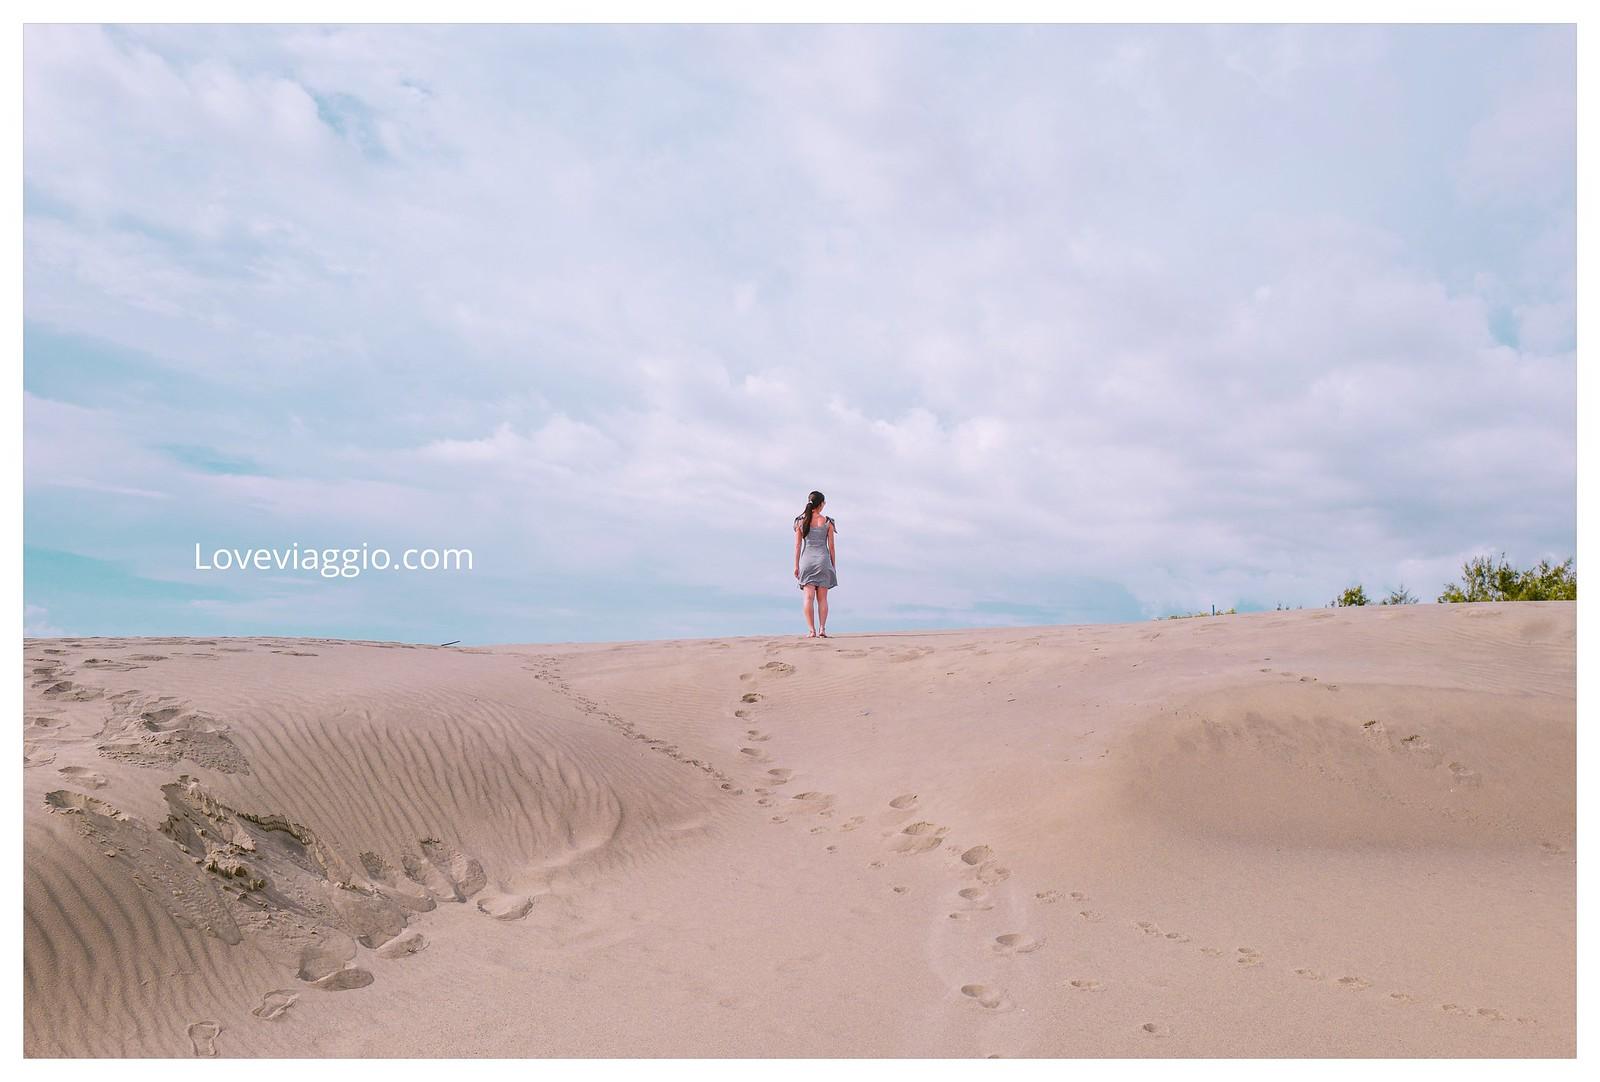 【台南 Tainan】台南頂頭額沙洲 彷彿來到荒蕪無邊際的沙漠世界 @薇樂莉 Love Viaggio | 旅行.生活.攝影